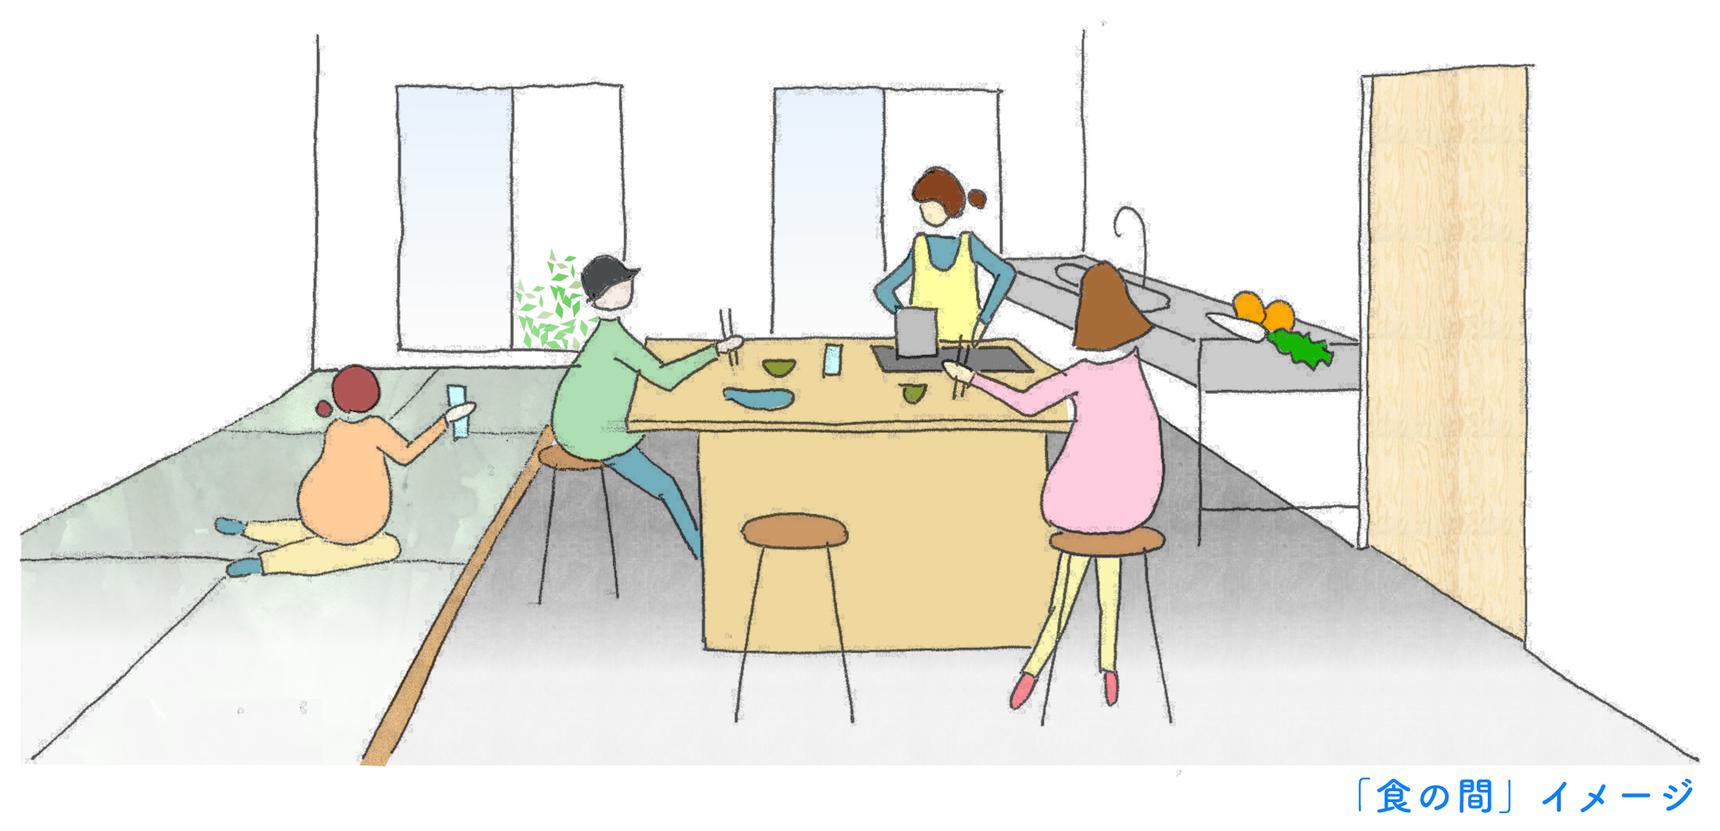 反対側の「食の間」では、大きな食卓を囲んでみんなで食事を。「職」と「食」の空間をシェアしながら暮らす、新しいライフスタイルがここで始められます。